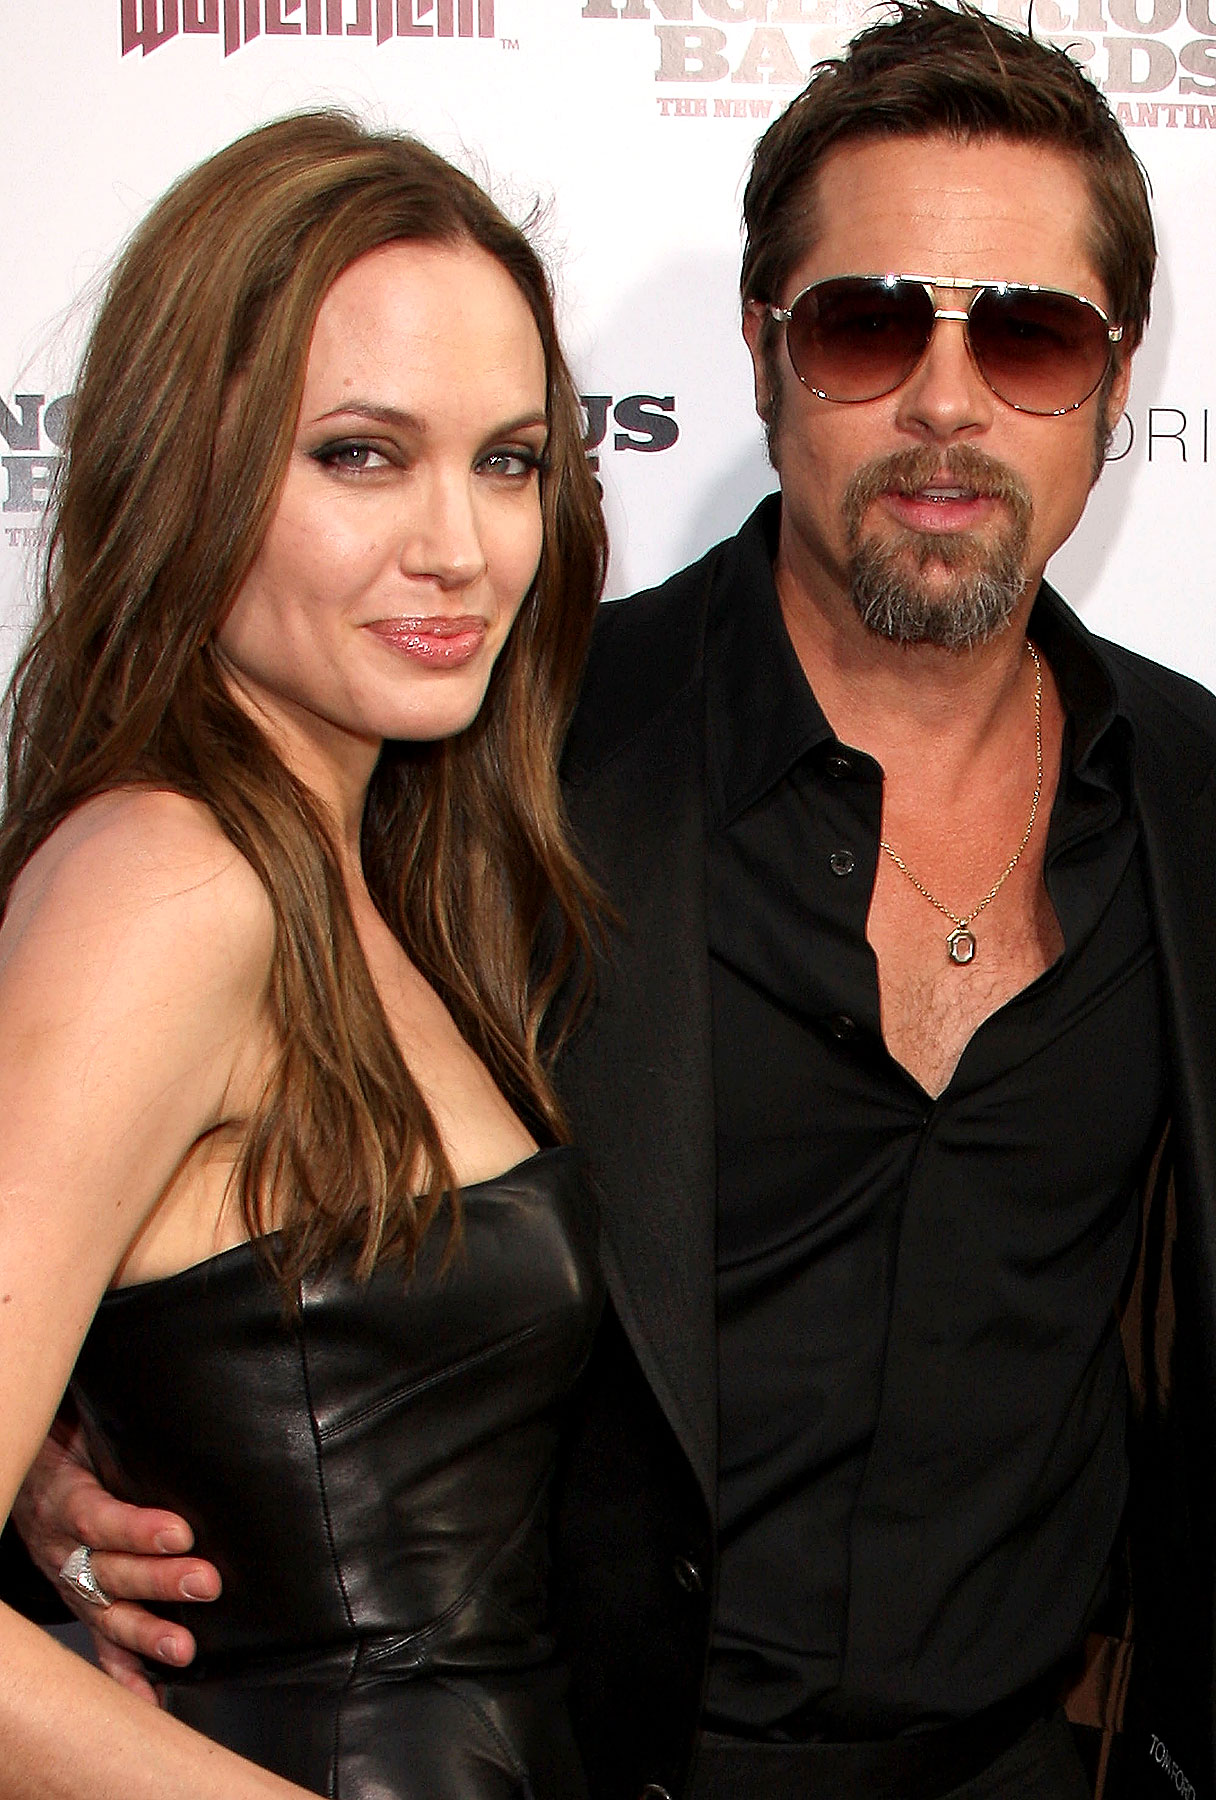 Brad Pitt and Angelina Jolie: More Kids?